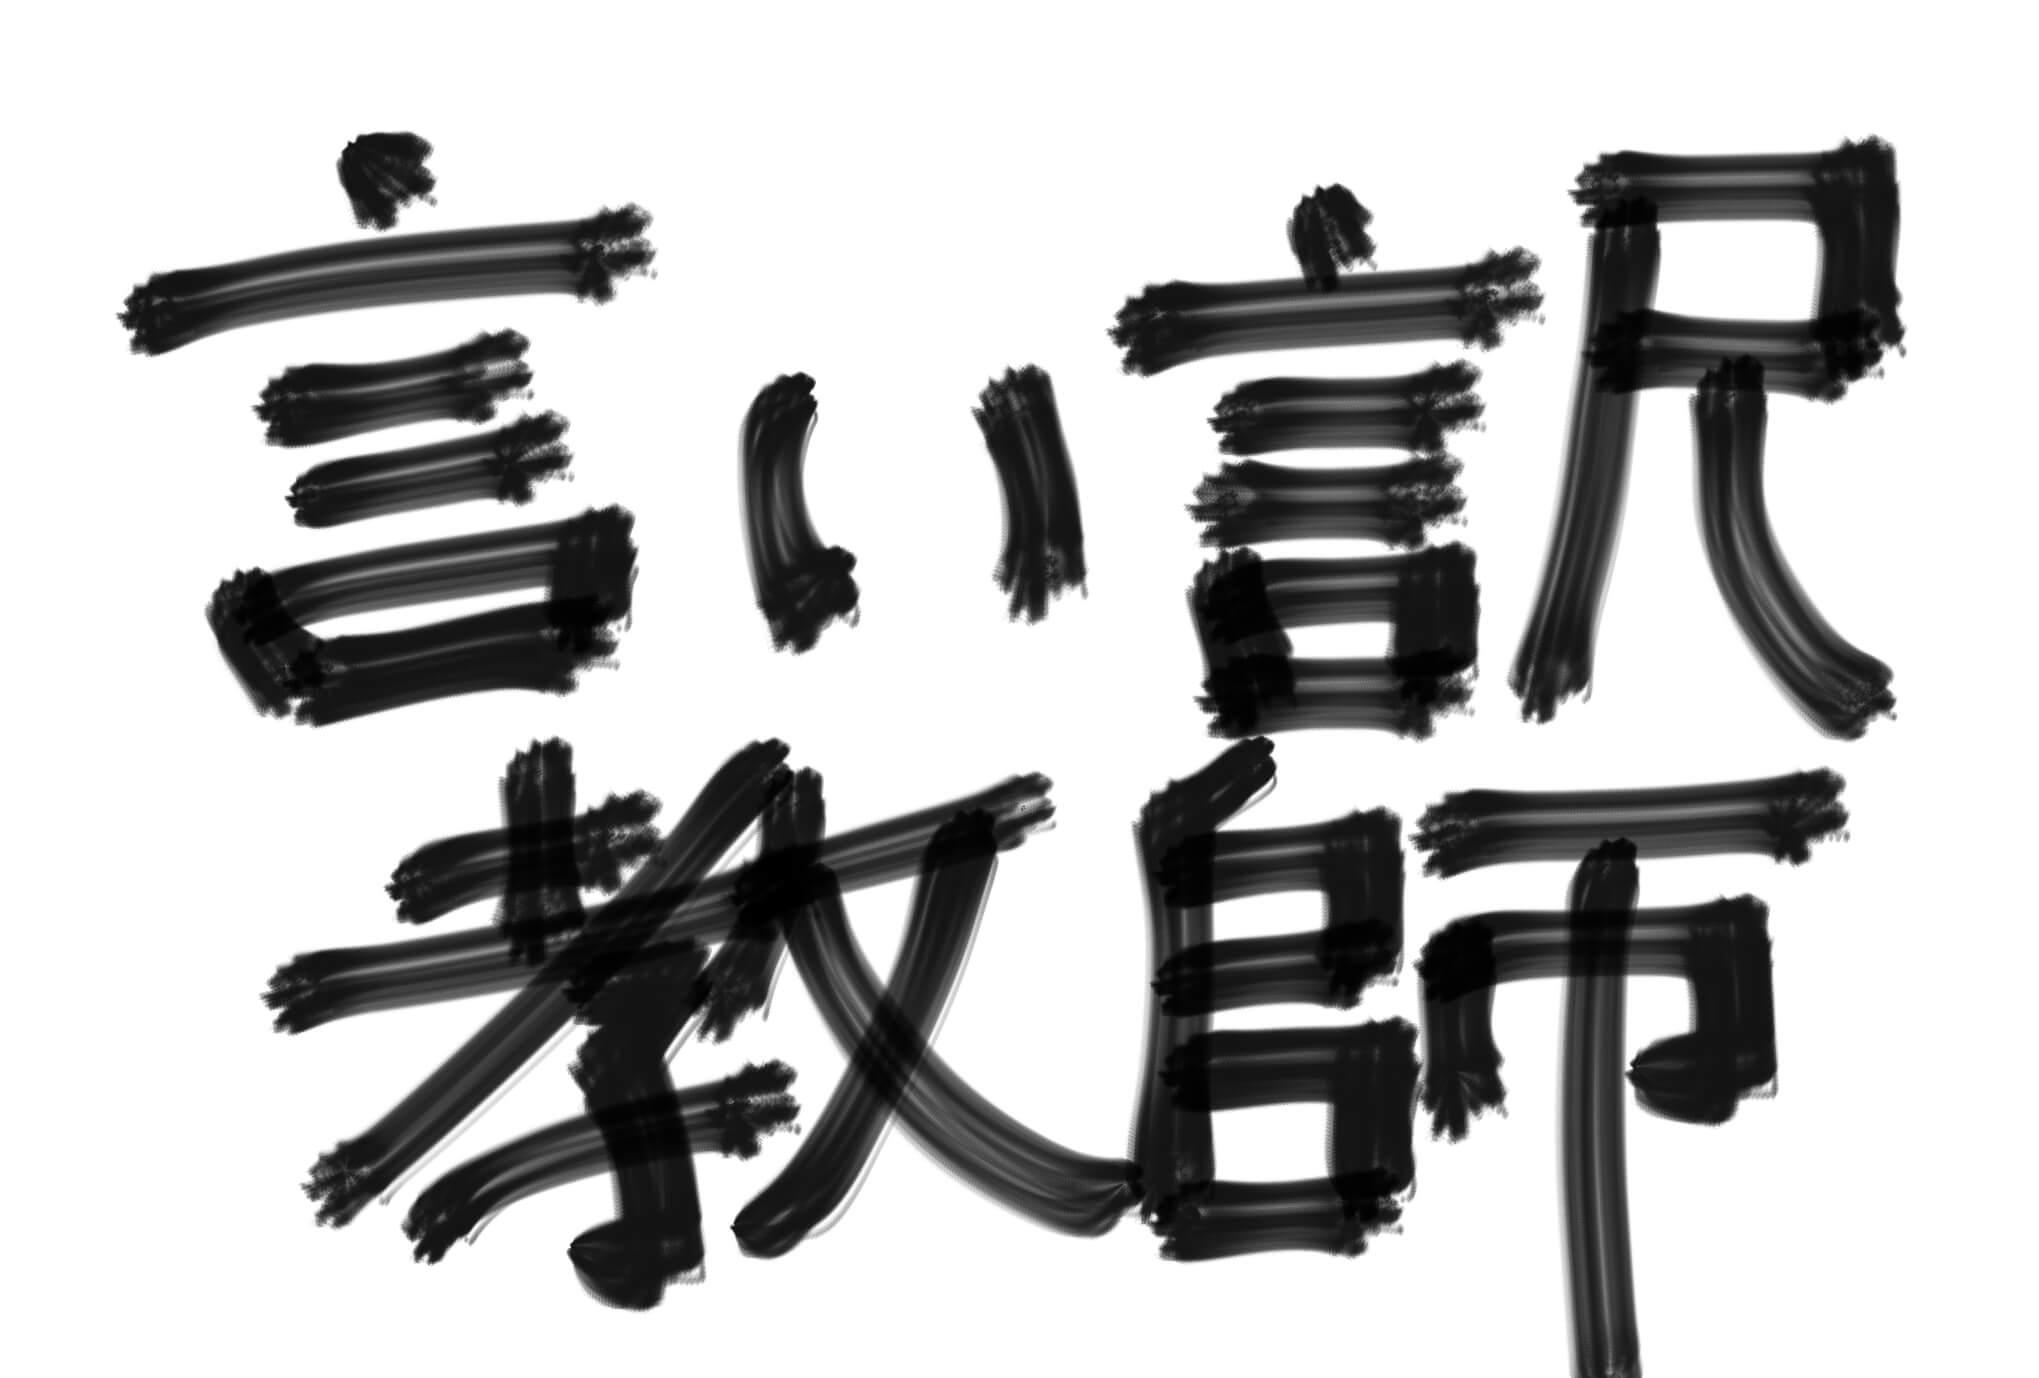 さんはん,詩人,詩,,言いたい放題,平和,反戦,自由,戦争反対,東須磨小学校,教師,いじめ,